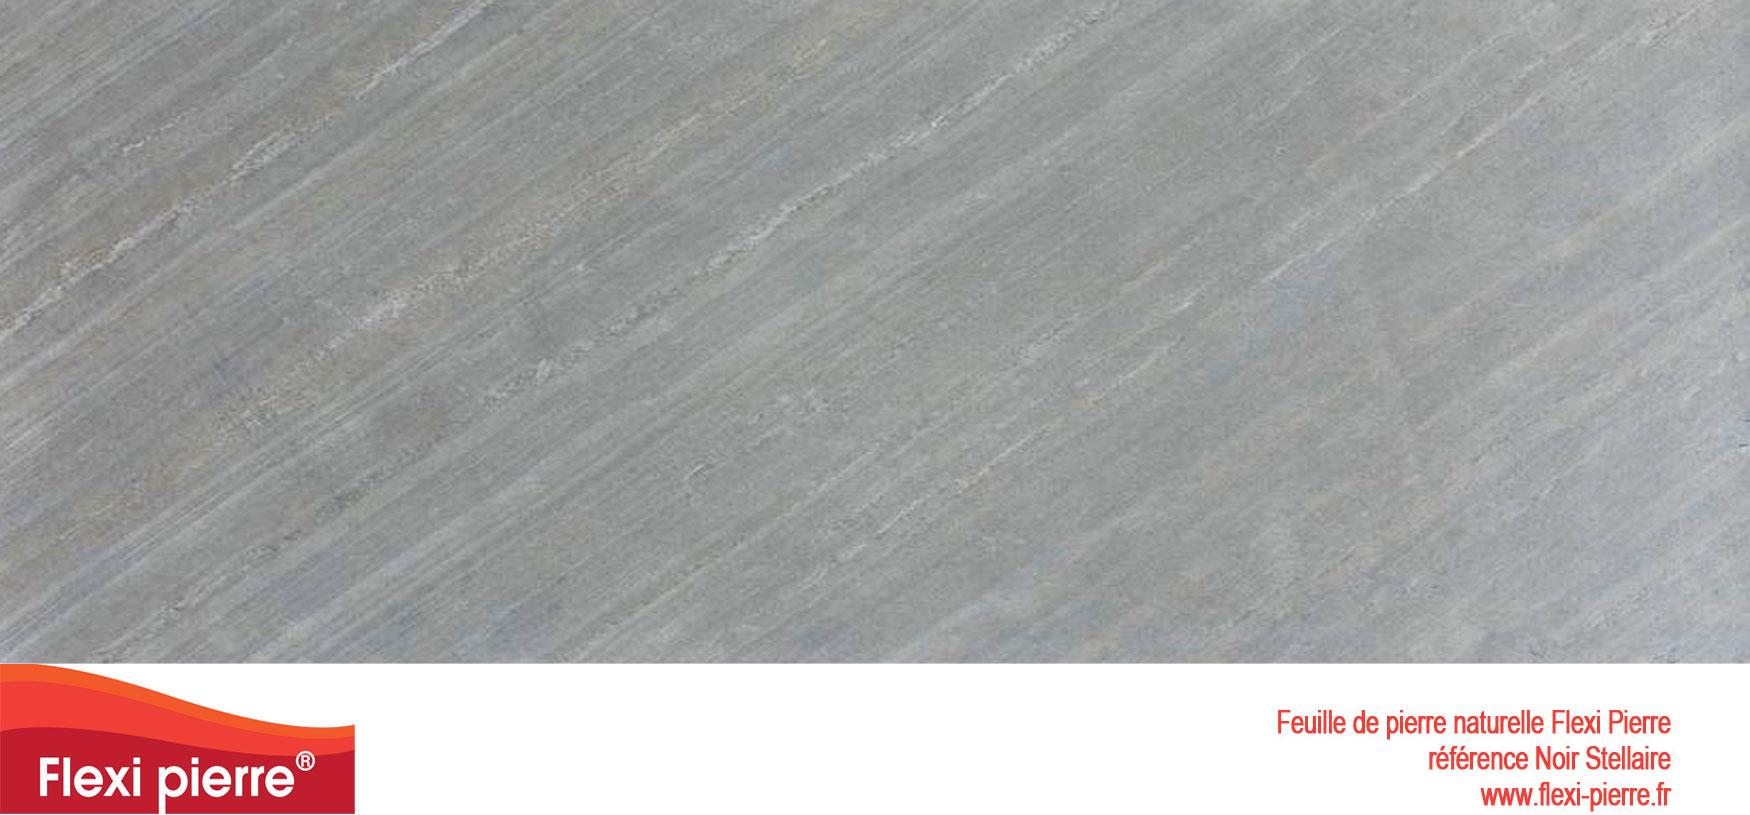 Feuille de pierre Flexi-Pierre, référence Noir Stellaire. Cliquez pour agrandir.